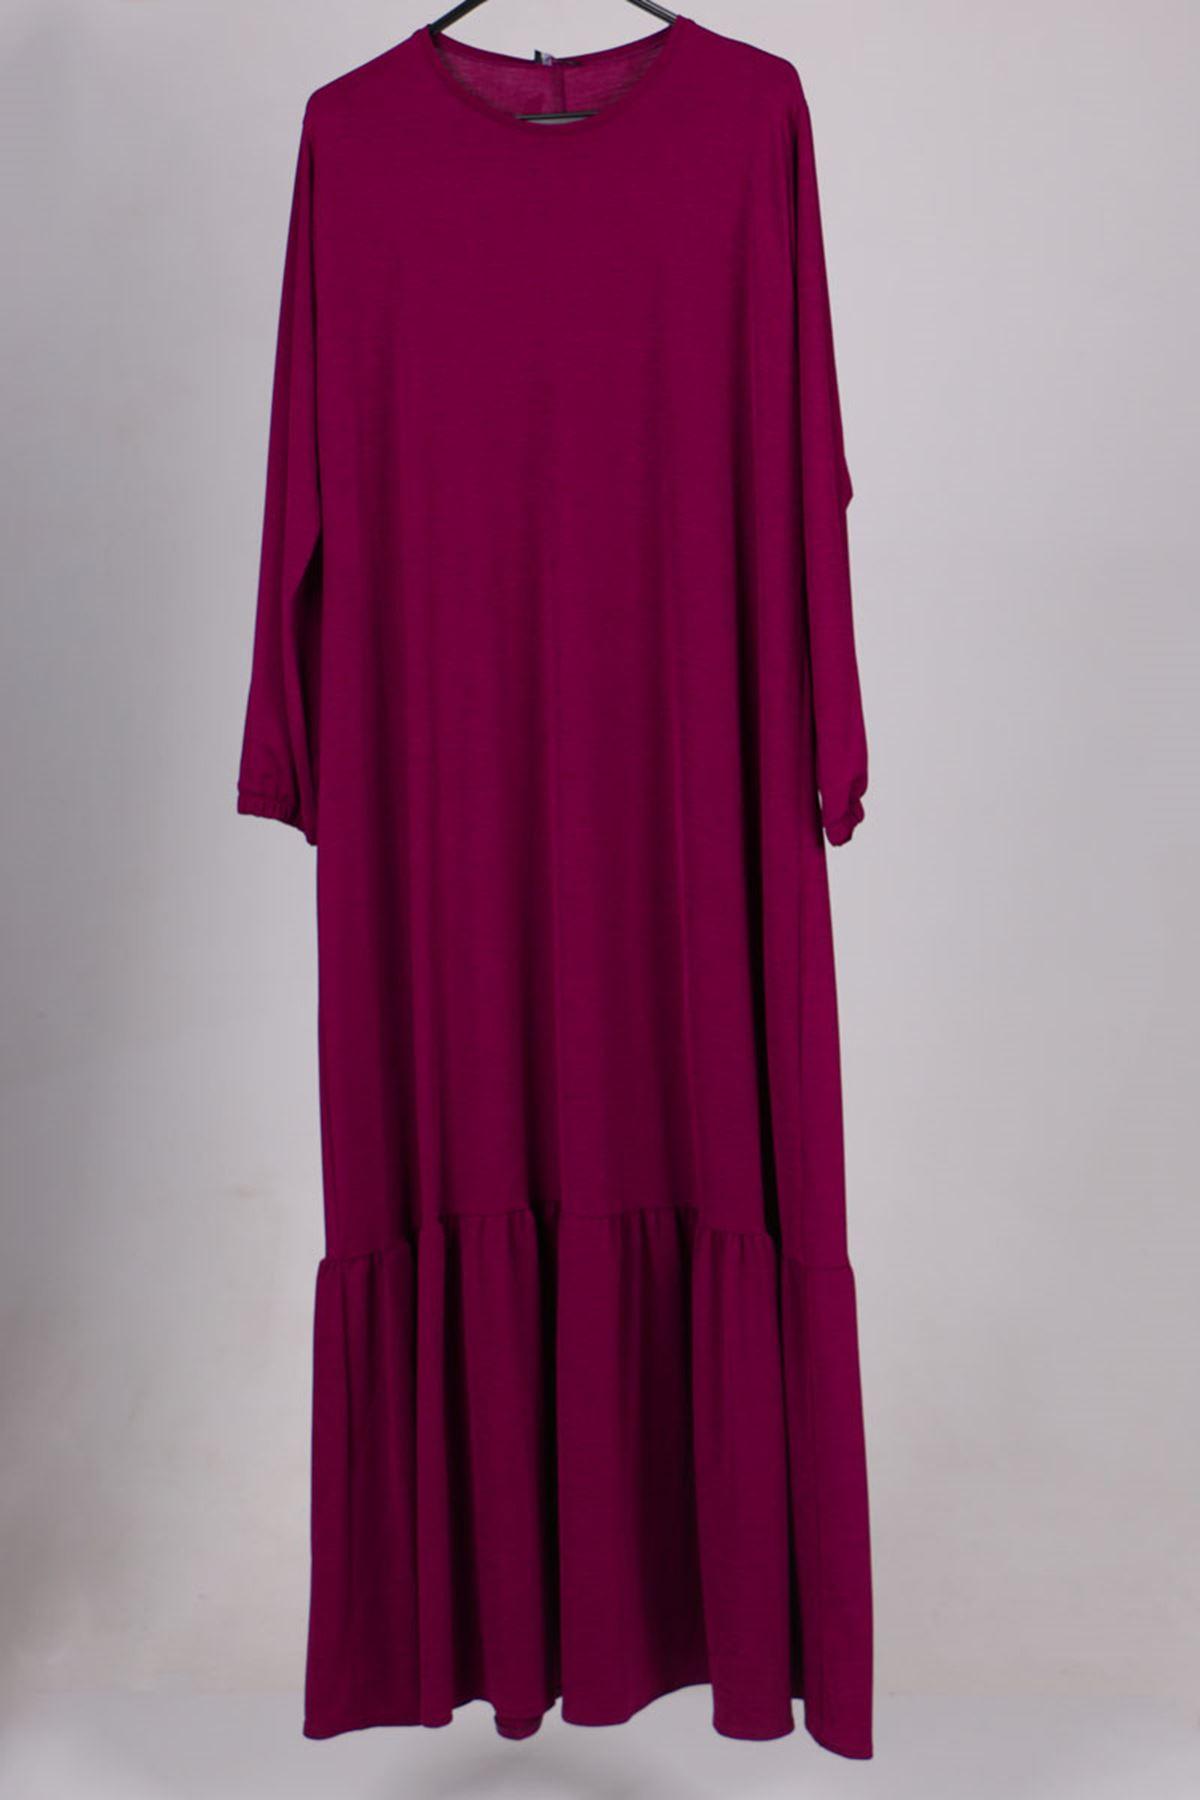 2095 Plus Size Dress - Daisy patterned - Beige